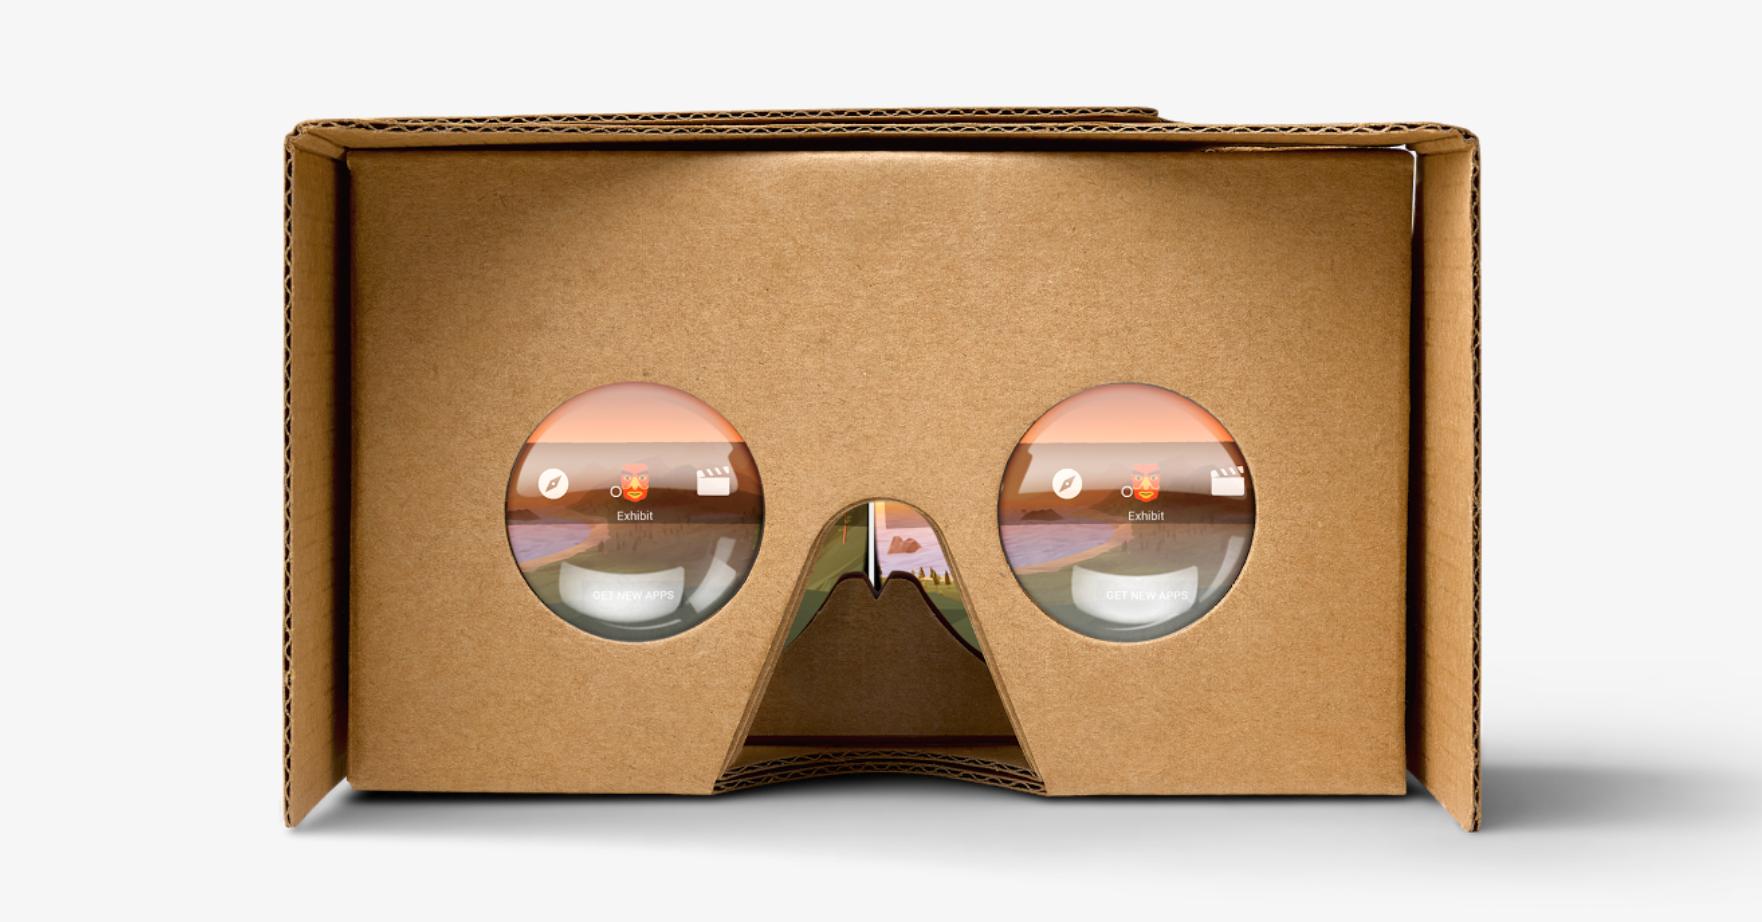 Google ya ha enviado más de 10 millones de visores Cardboard VR